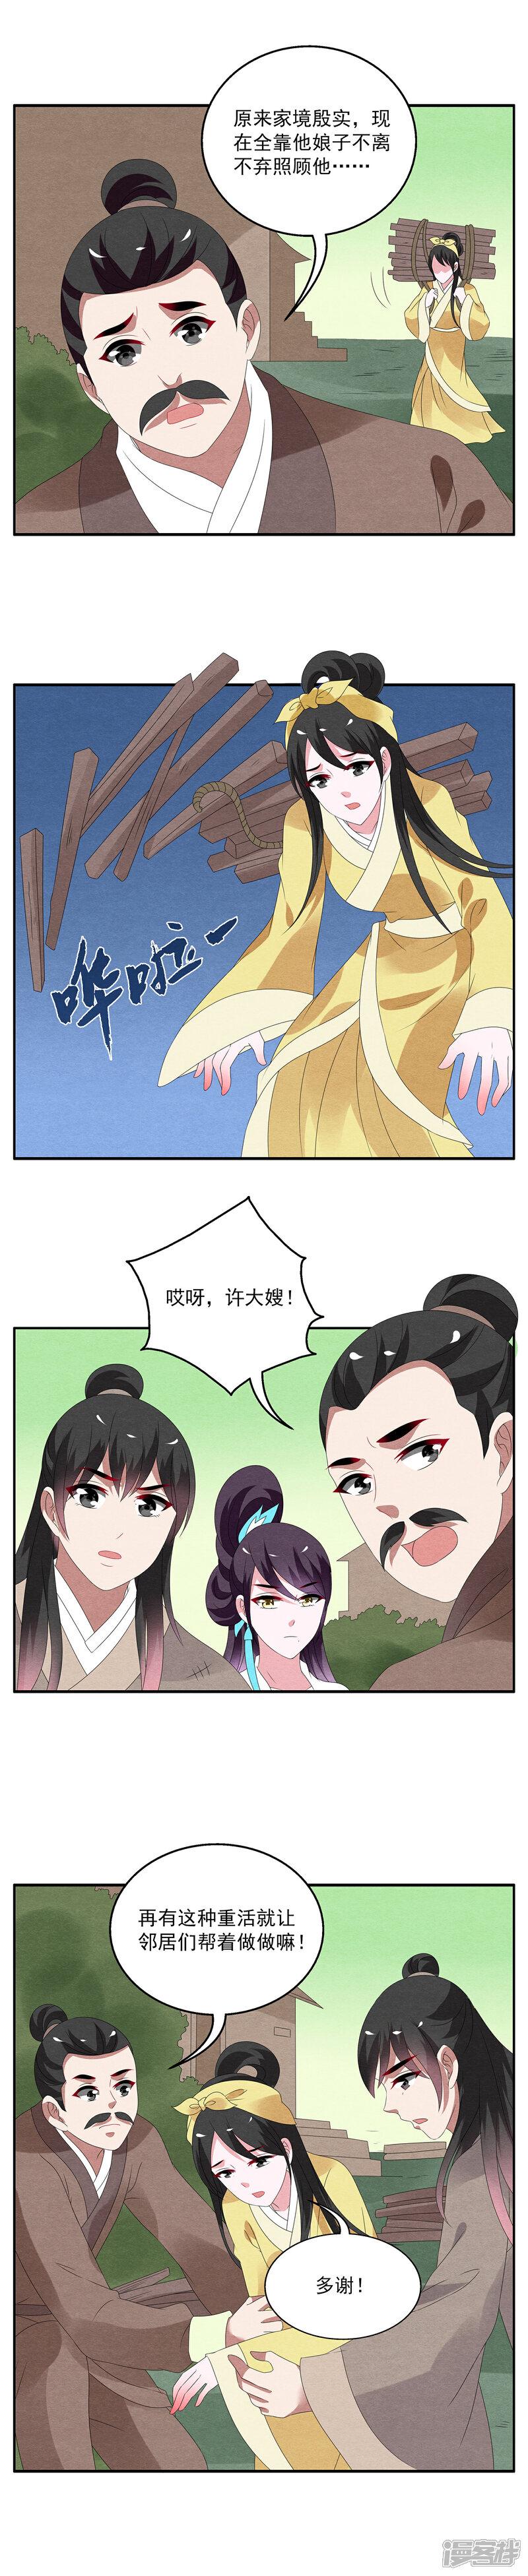 洛小妖119 (5).JPG